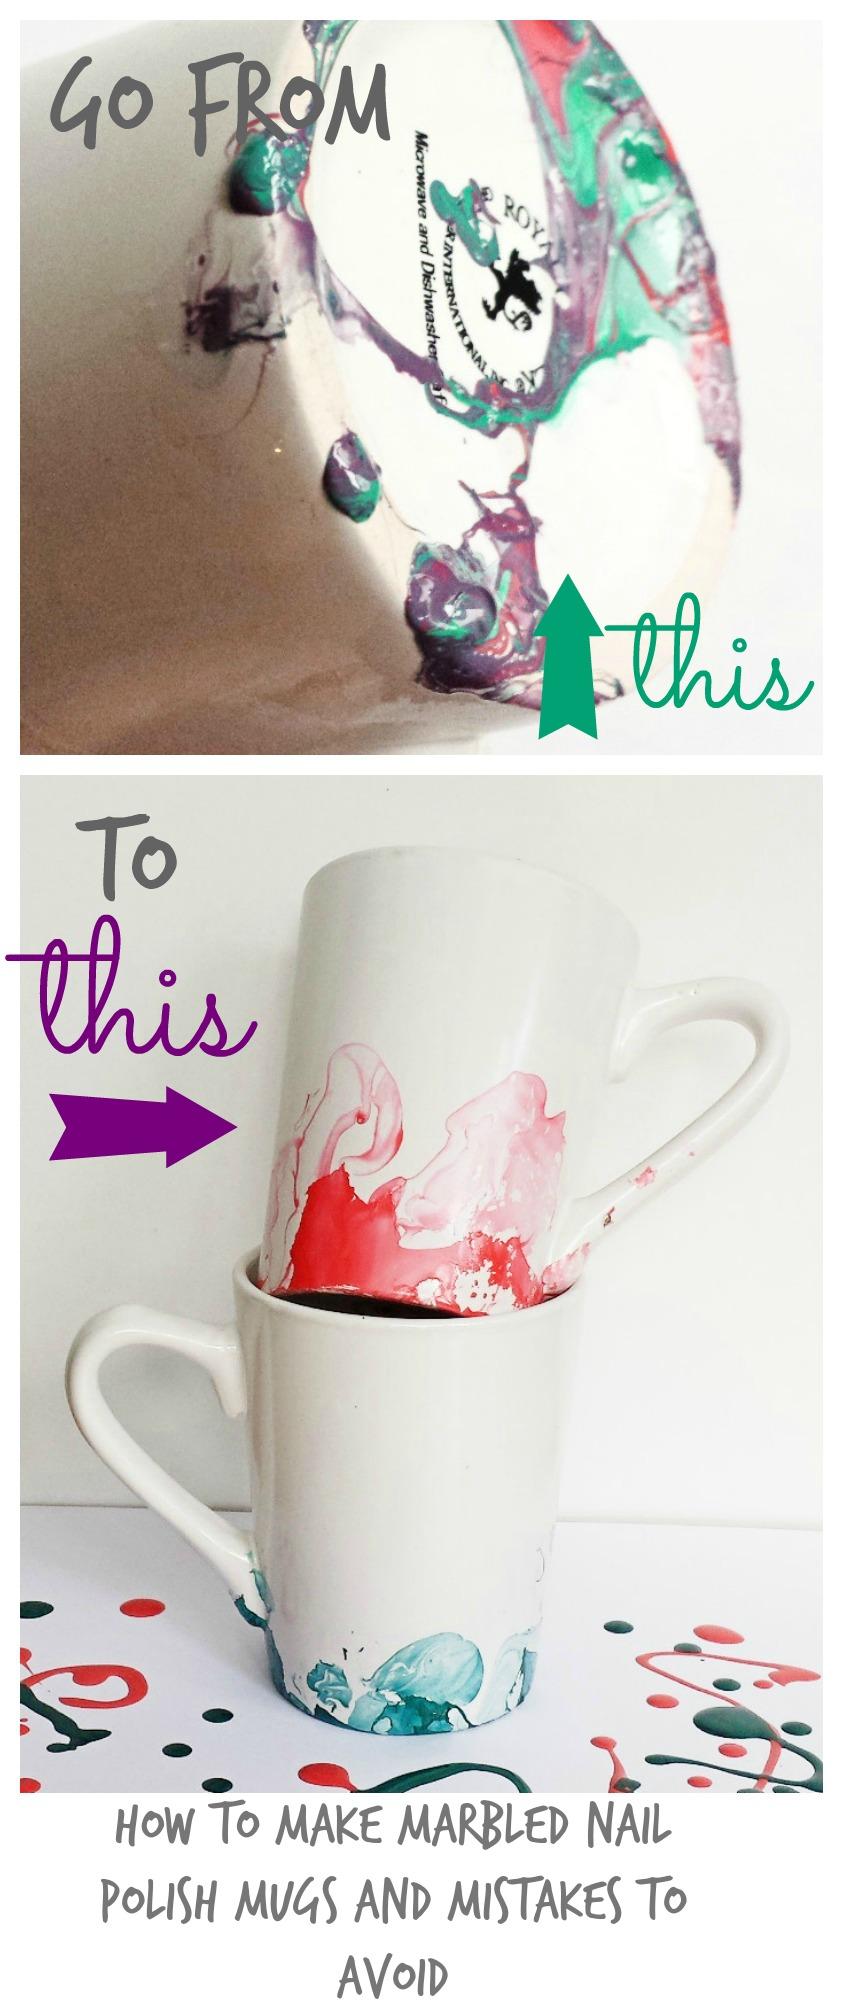 Marbled Nail Polish Mugs 6 Things I Wish I Had Known Before Making Them